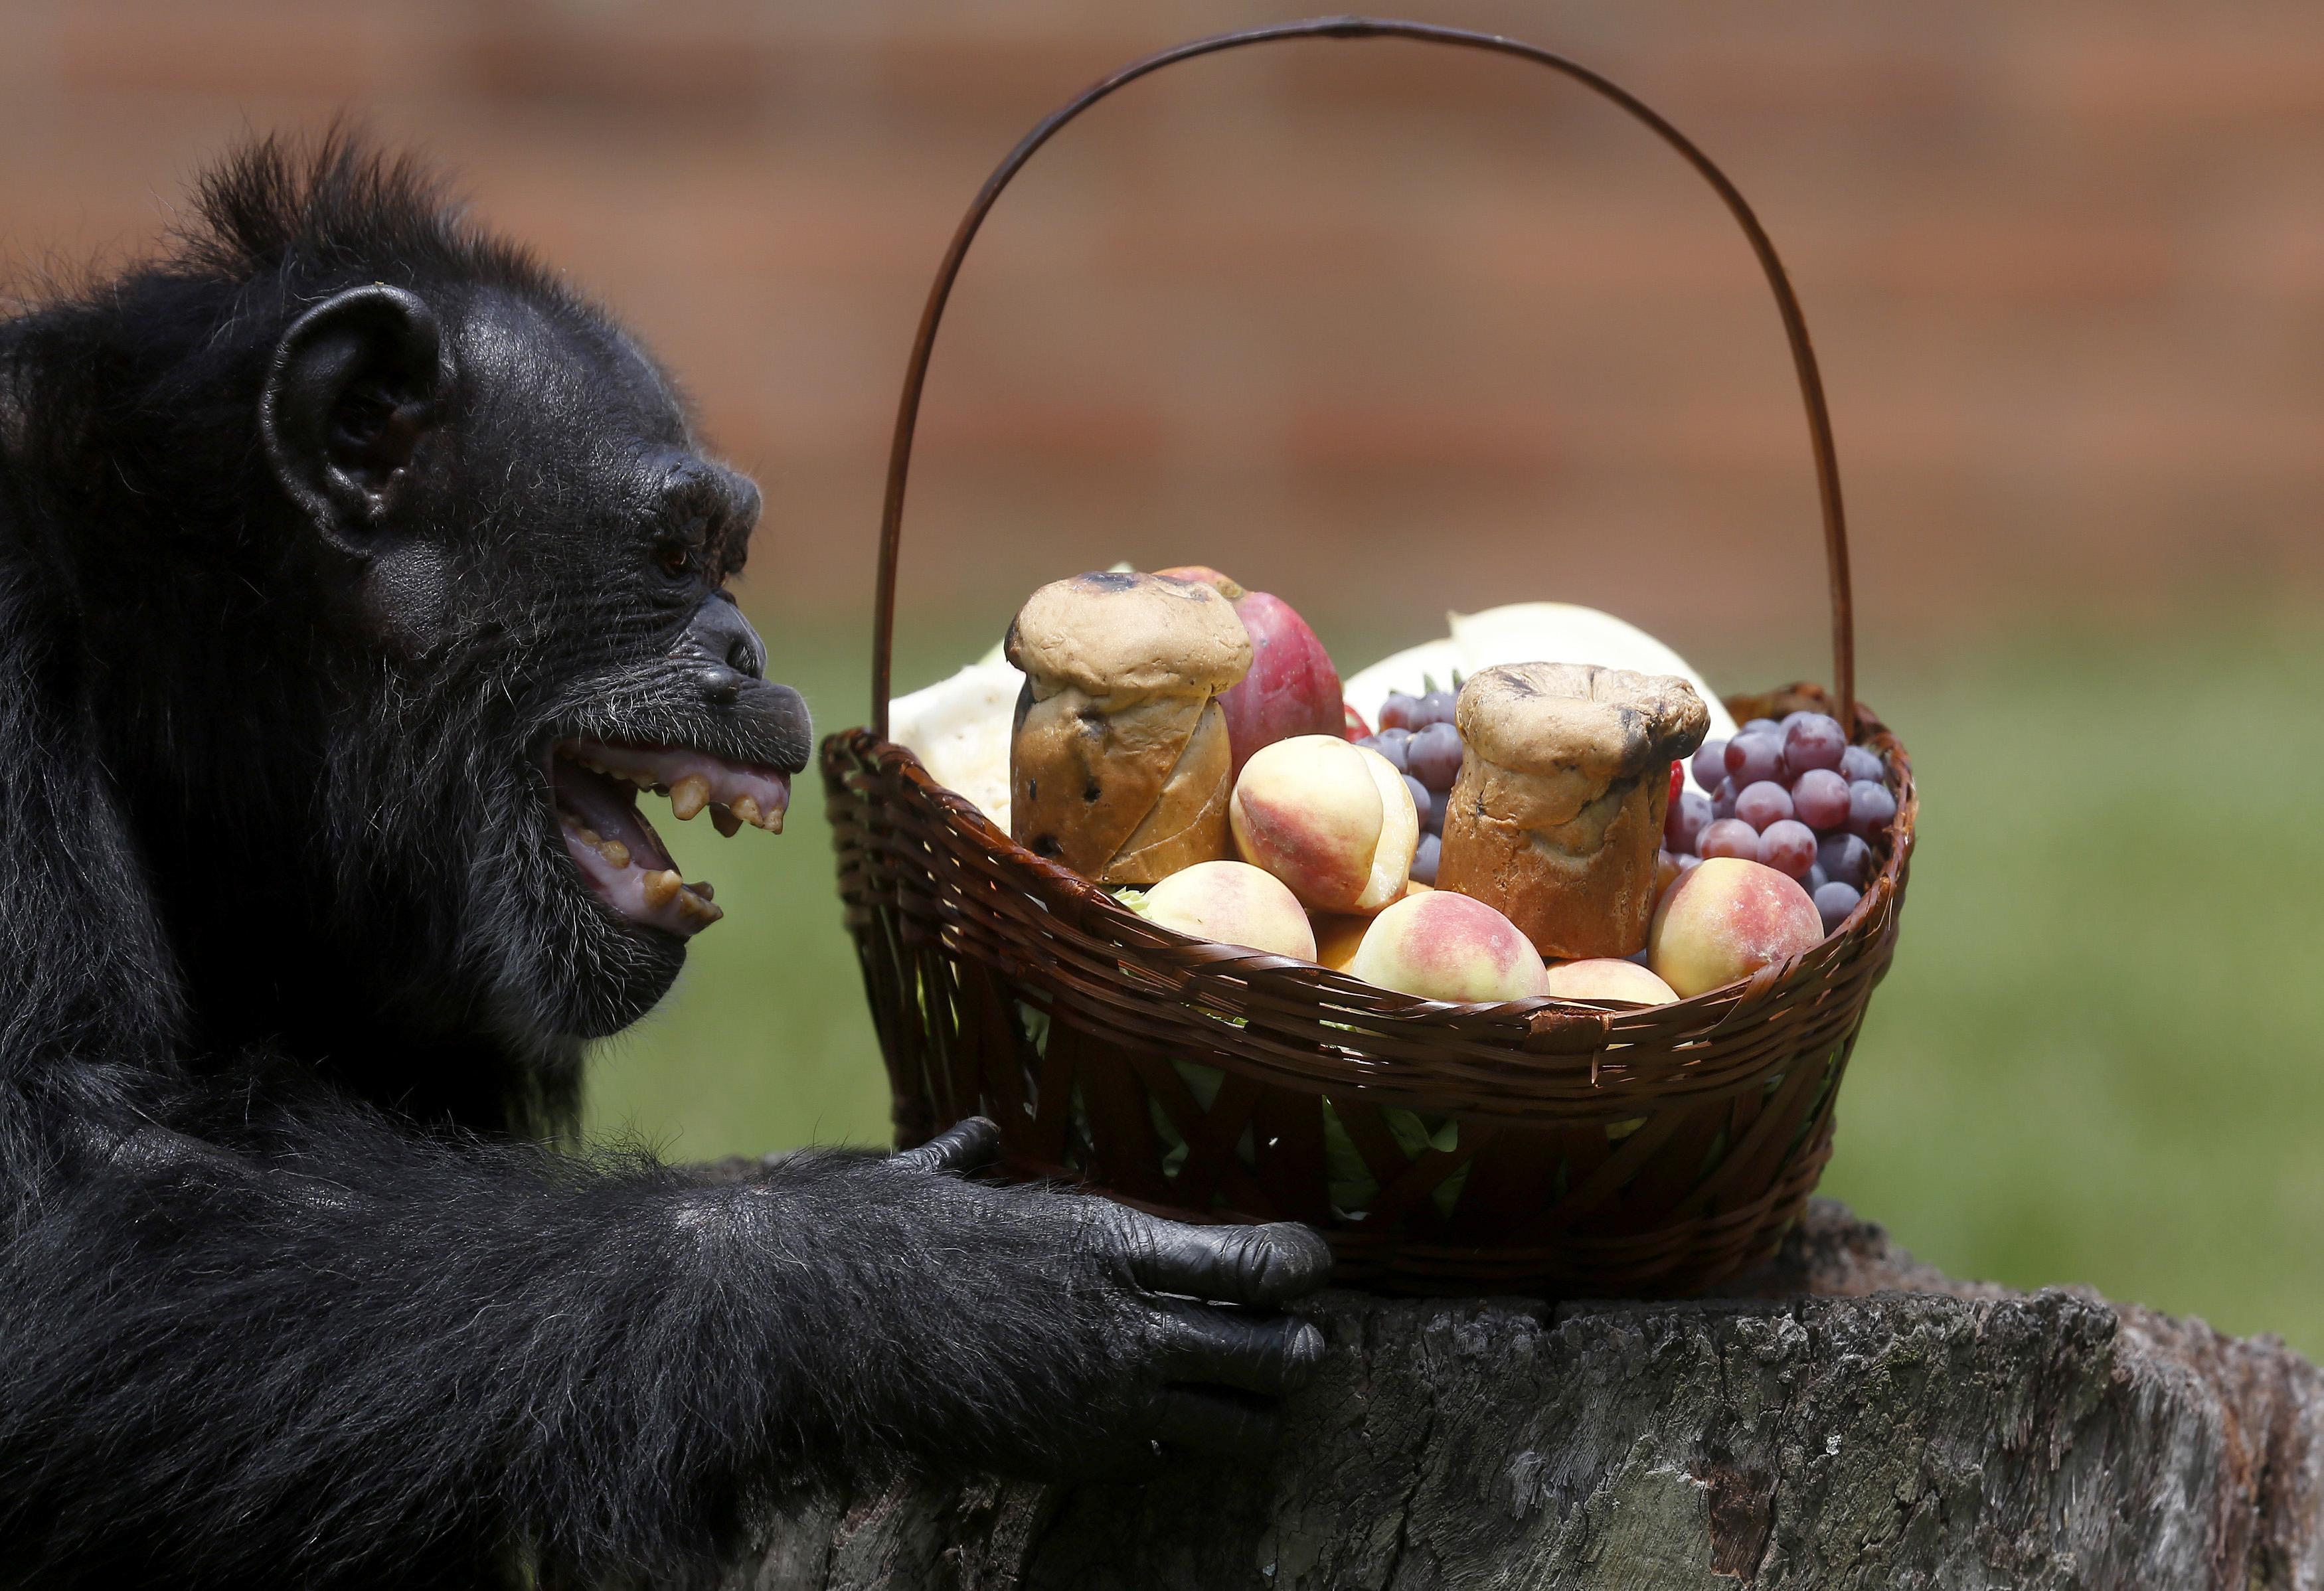 Ilyen klassz majom embernek való?